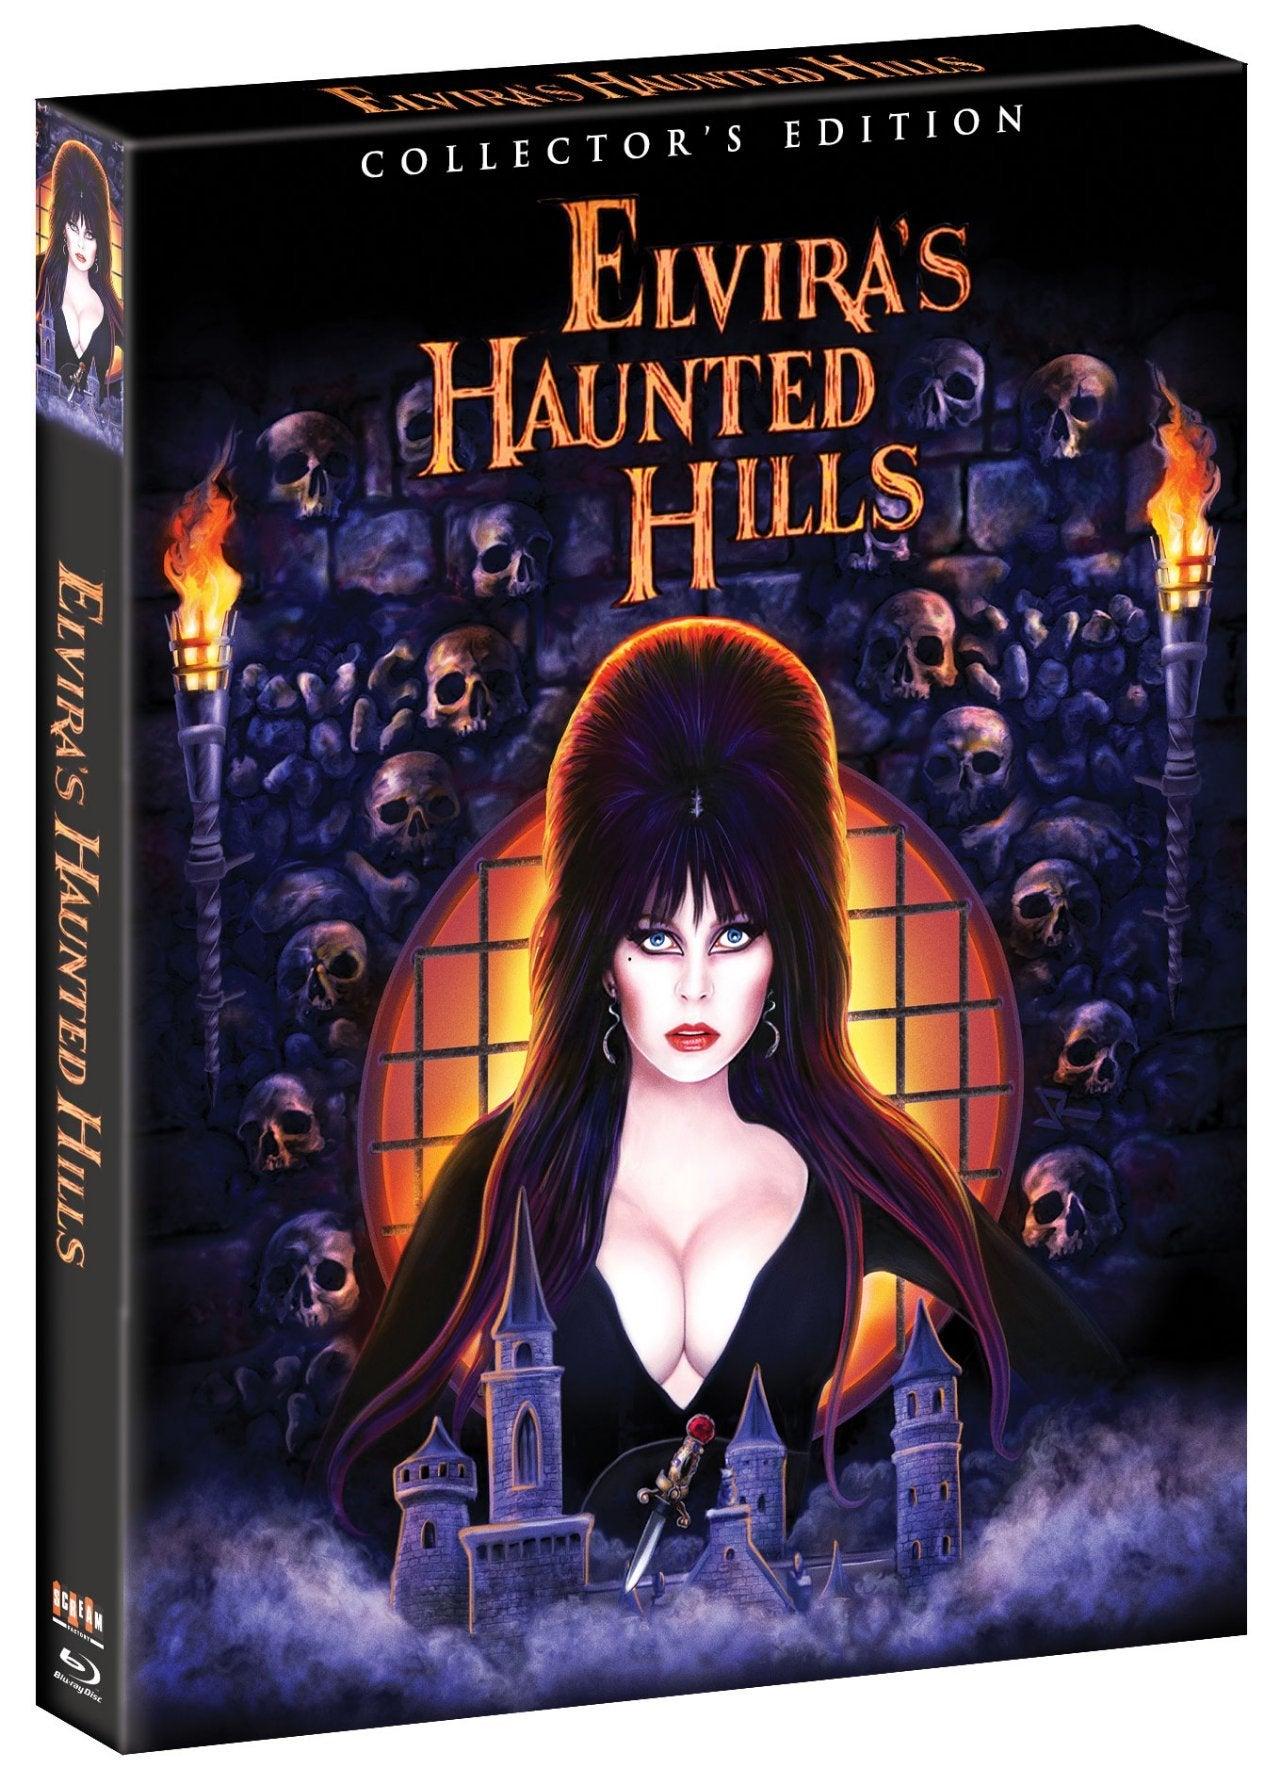 elvira's haunted hills blu ray cover scream factory